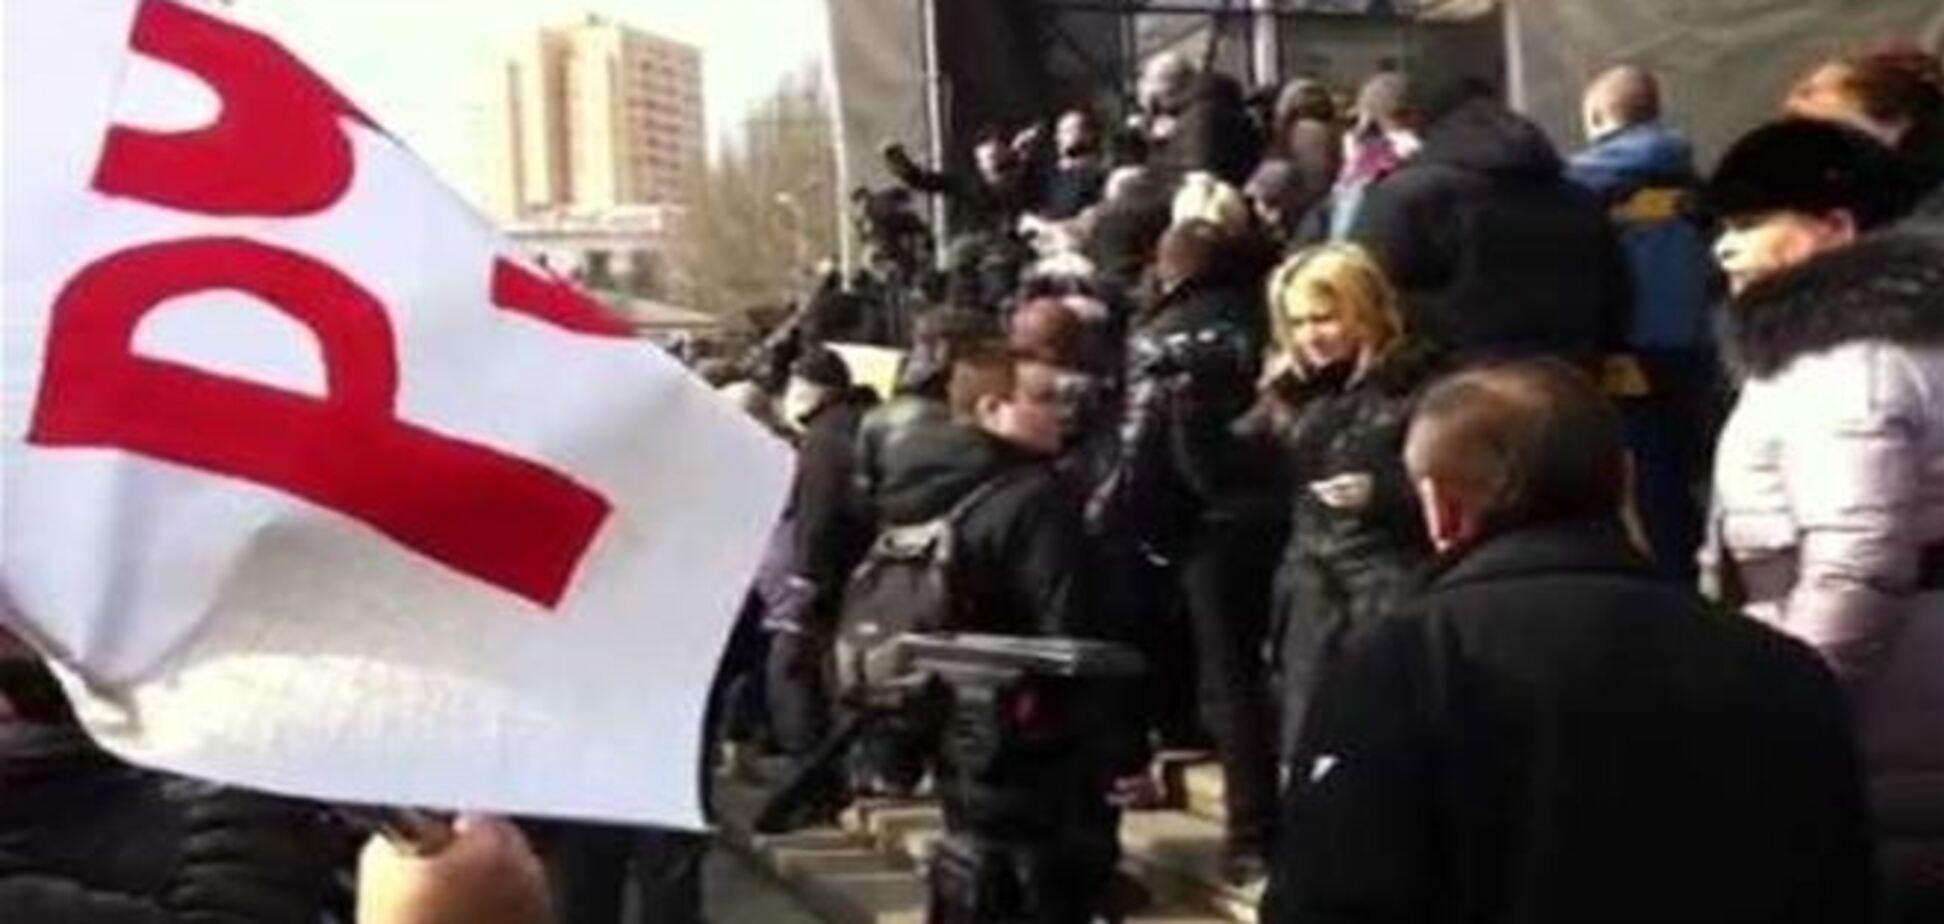 В Донецке пророссийский митинг перерос в драку